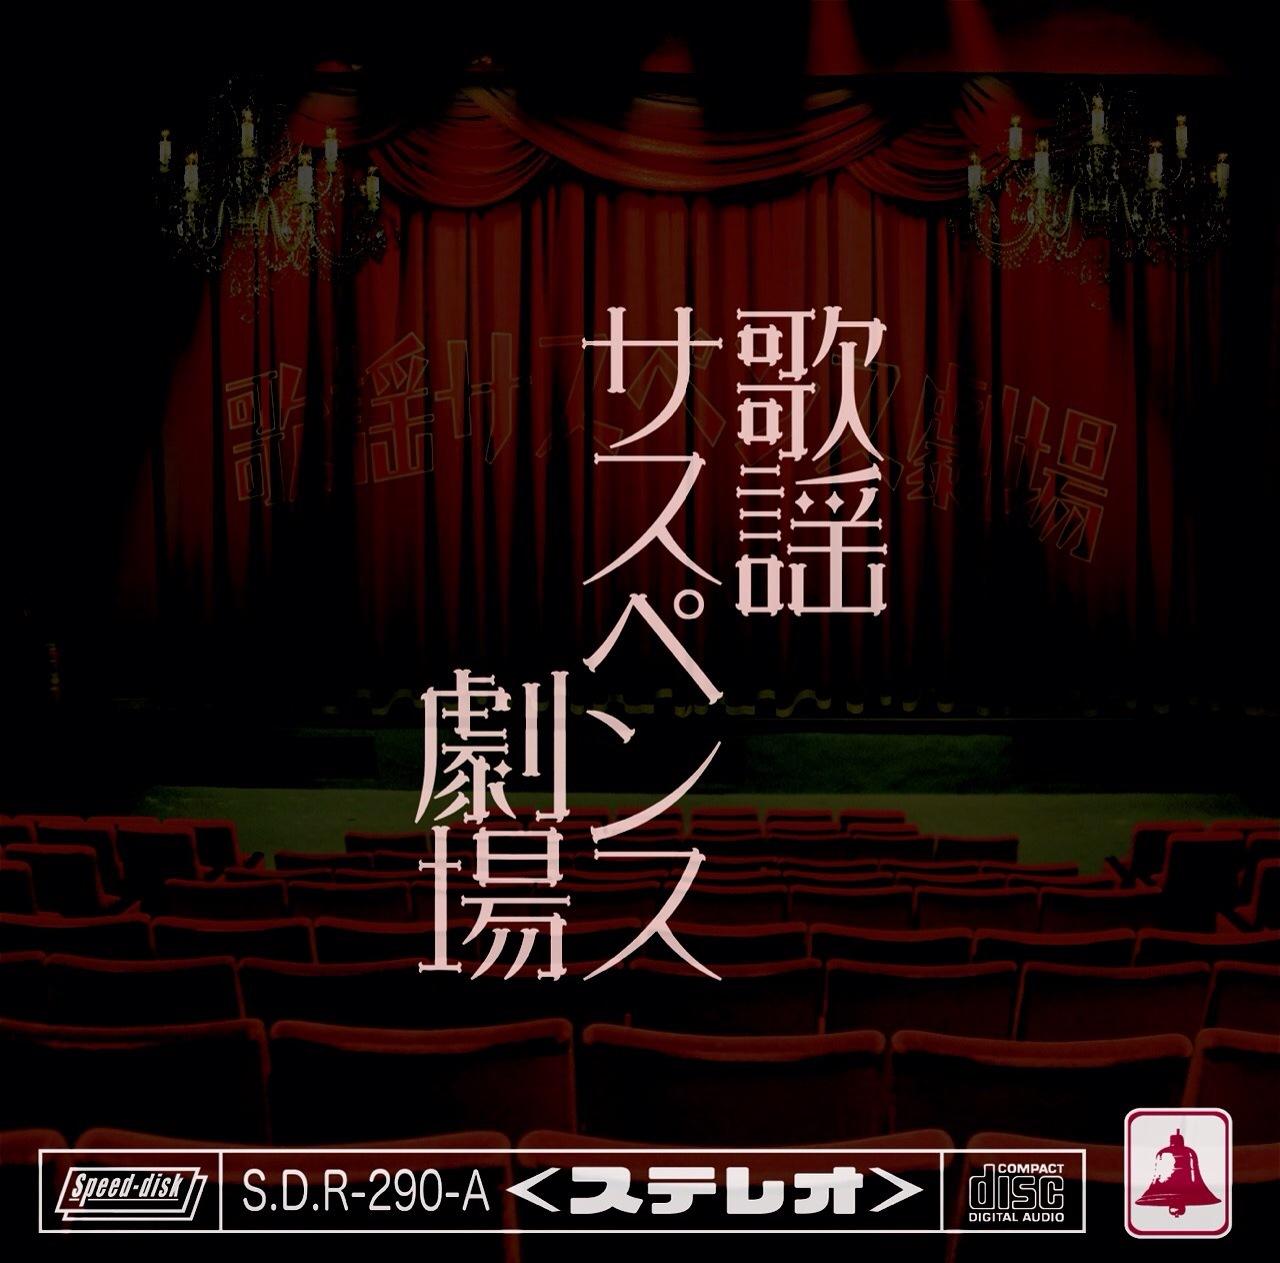 -歌謡盤-(Aタイプ)/¥3,500-(税別)